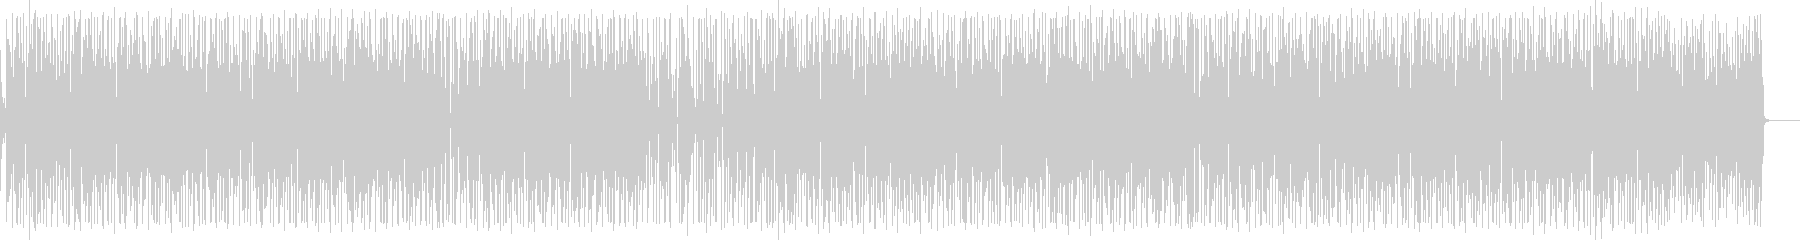 ほのぼの生アコギのギターポップスの未再生の波形